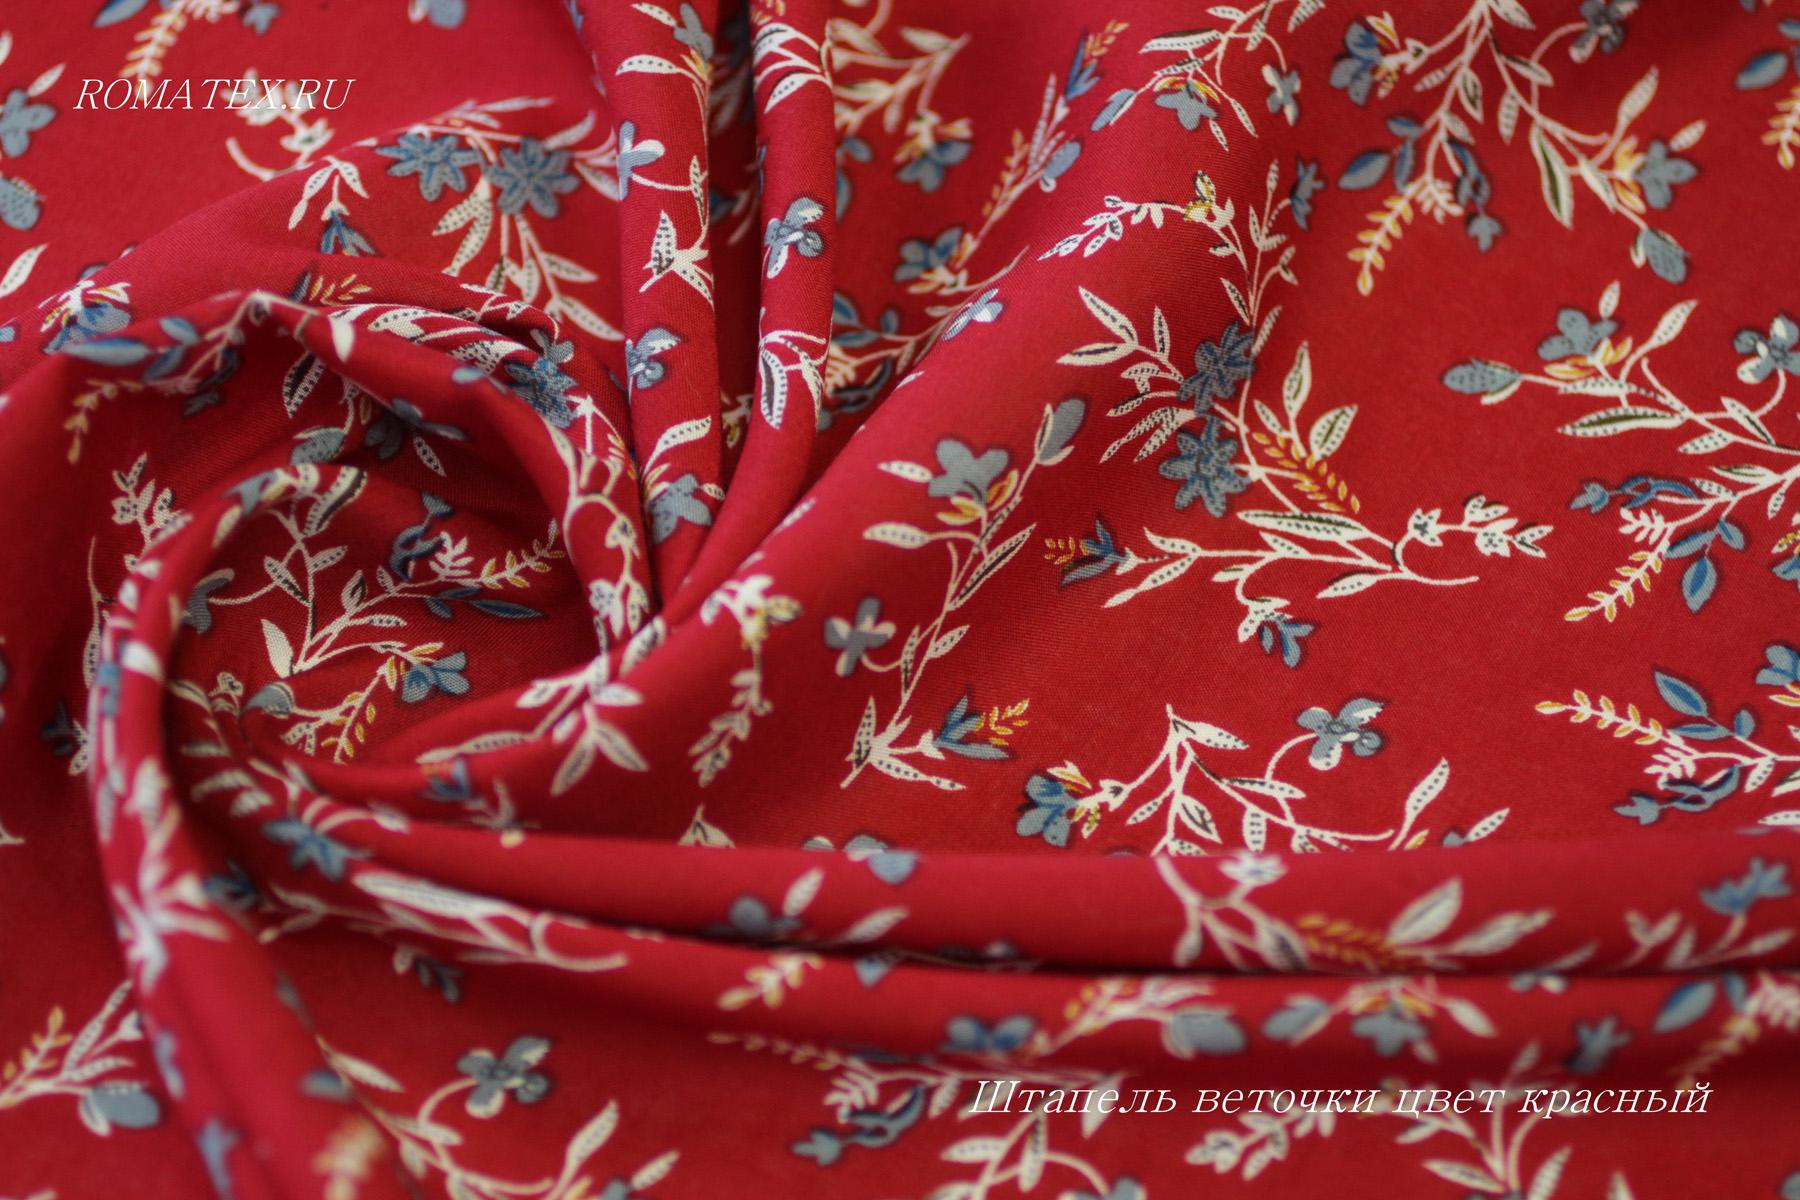 Штапель веточки цвет красный